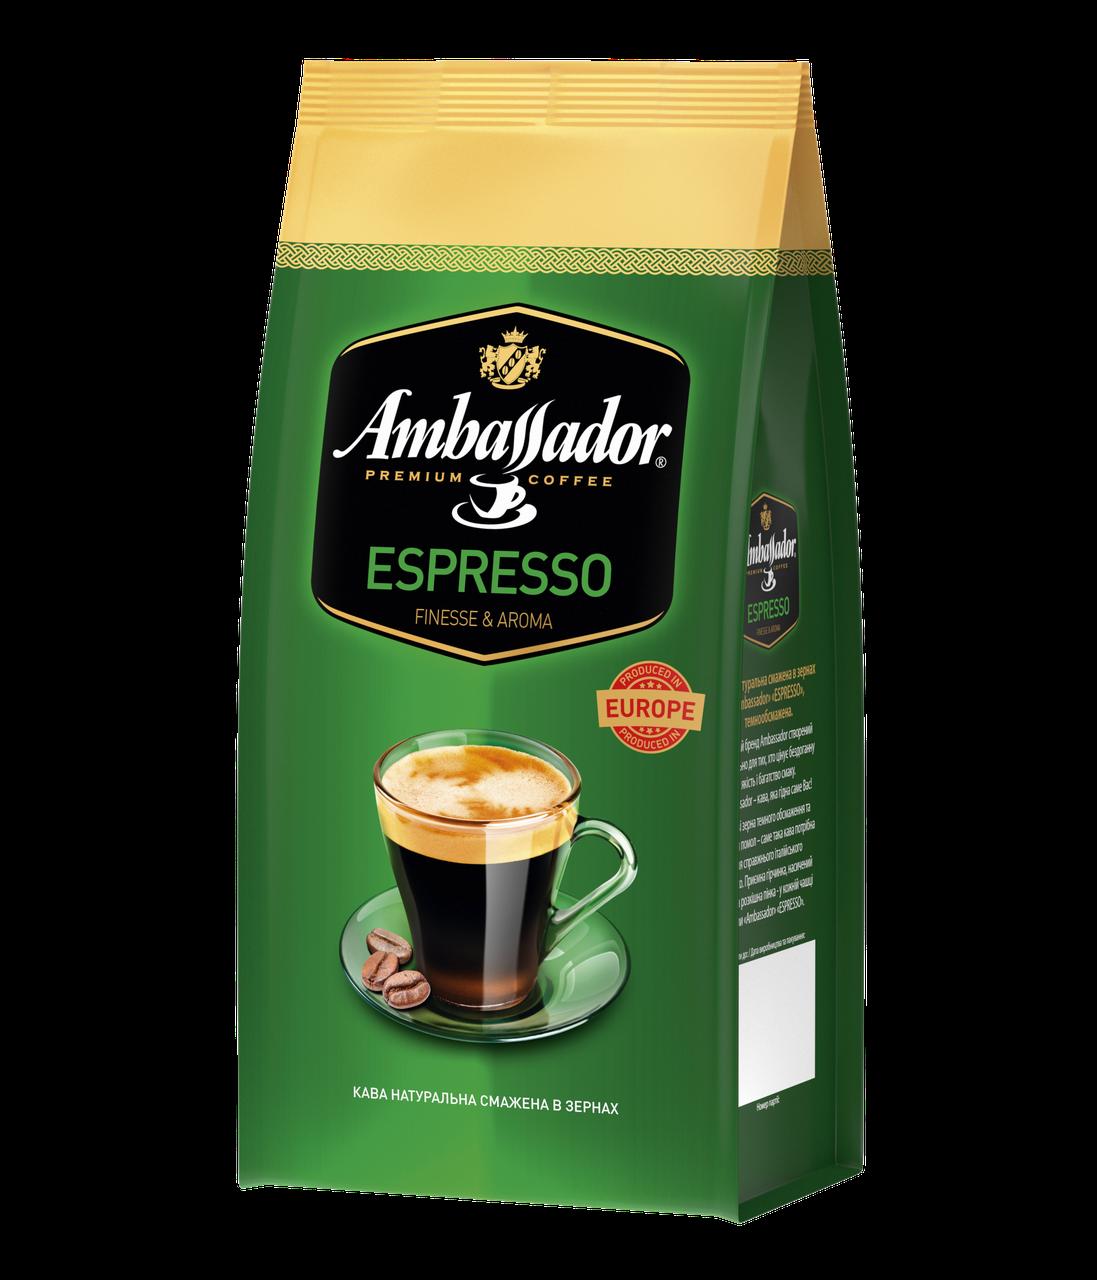 Кава в зернах Ambassador Espresso, пакет 1000г